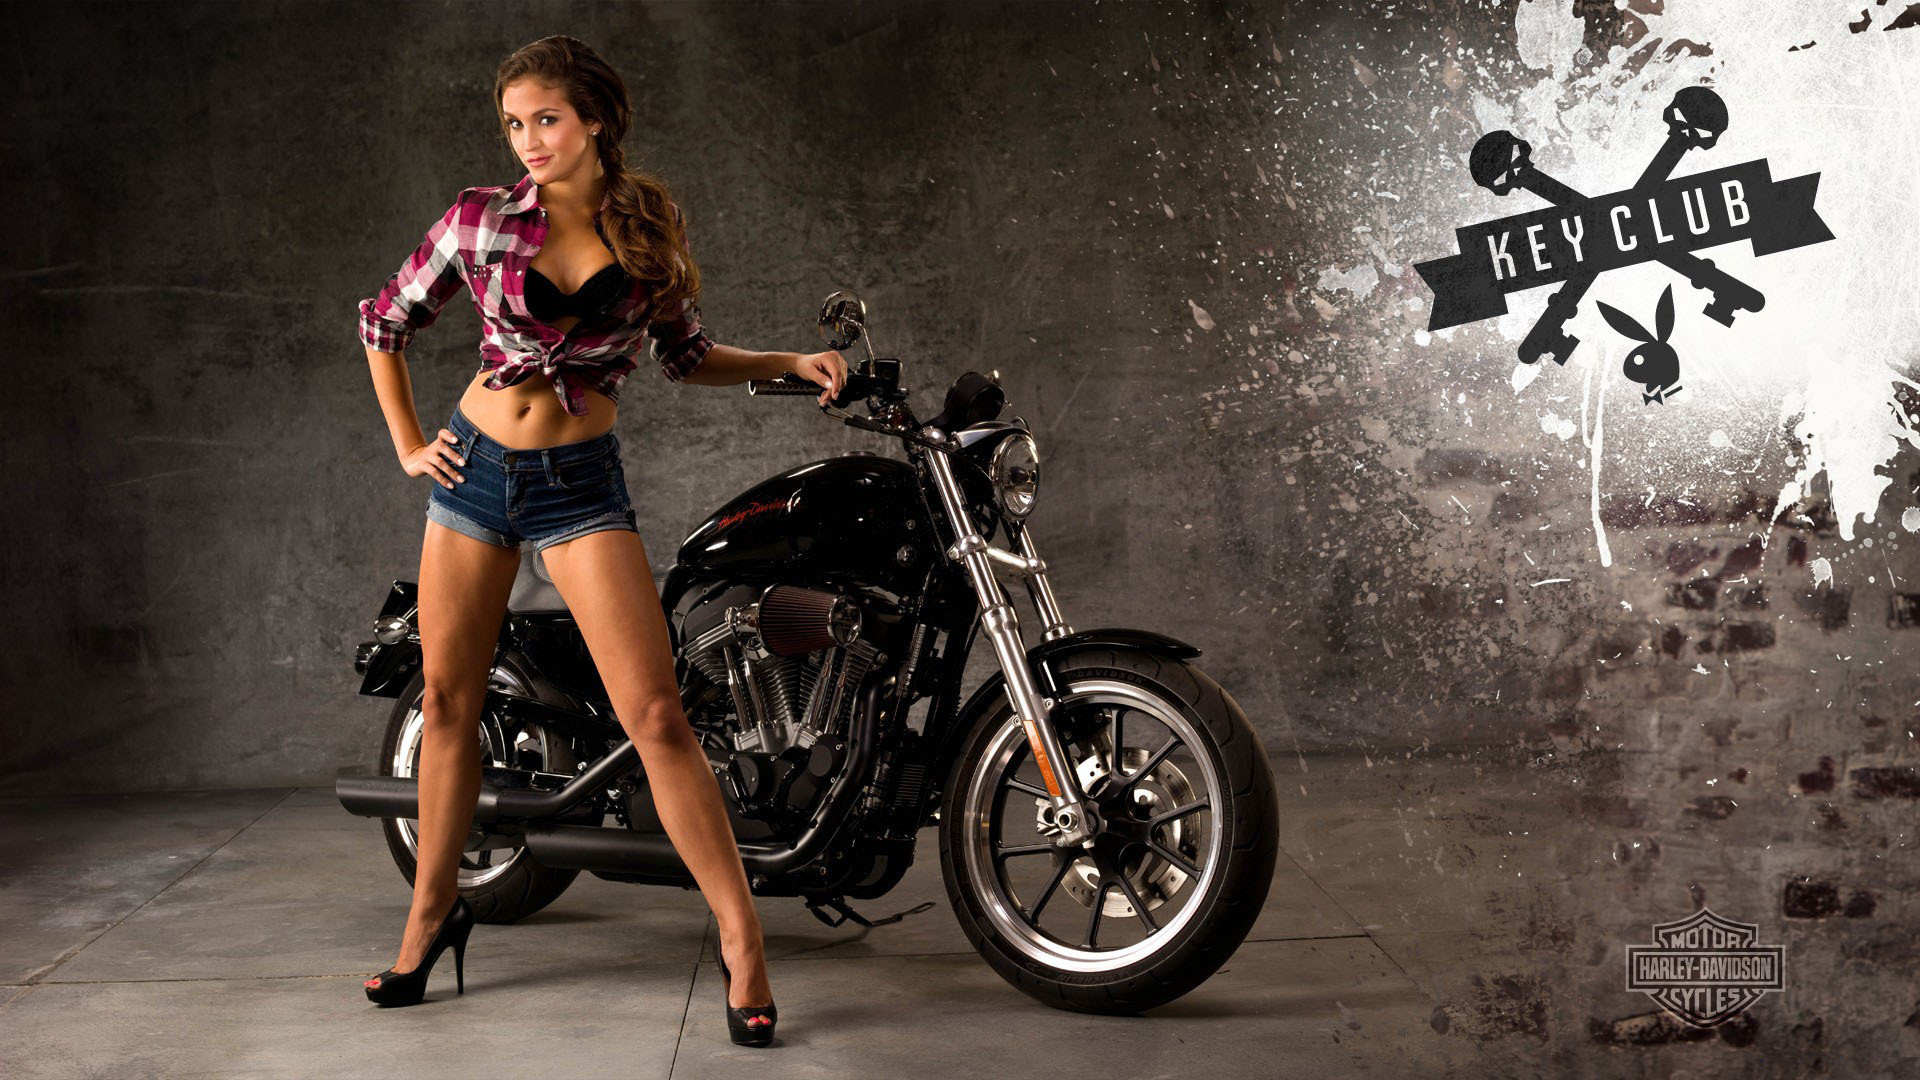 Moto, Girl, Motorcycle, Harley Davidson